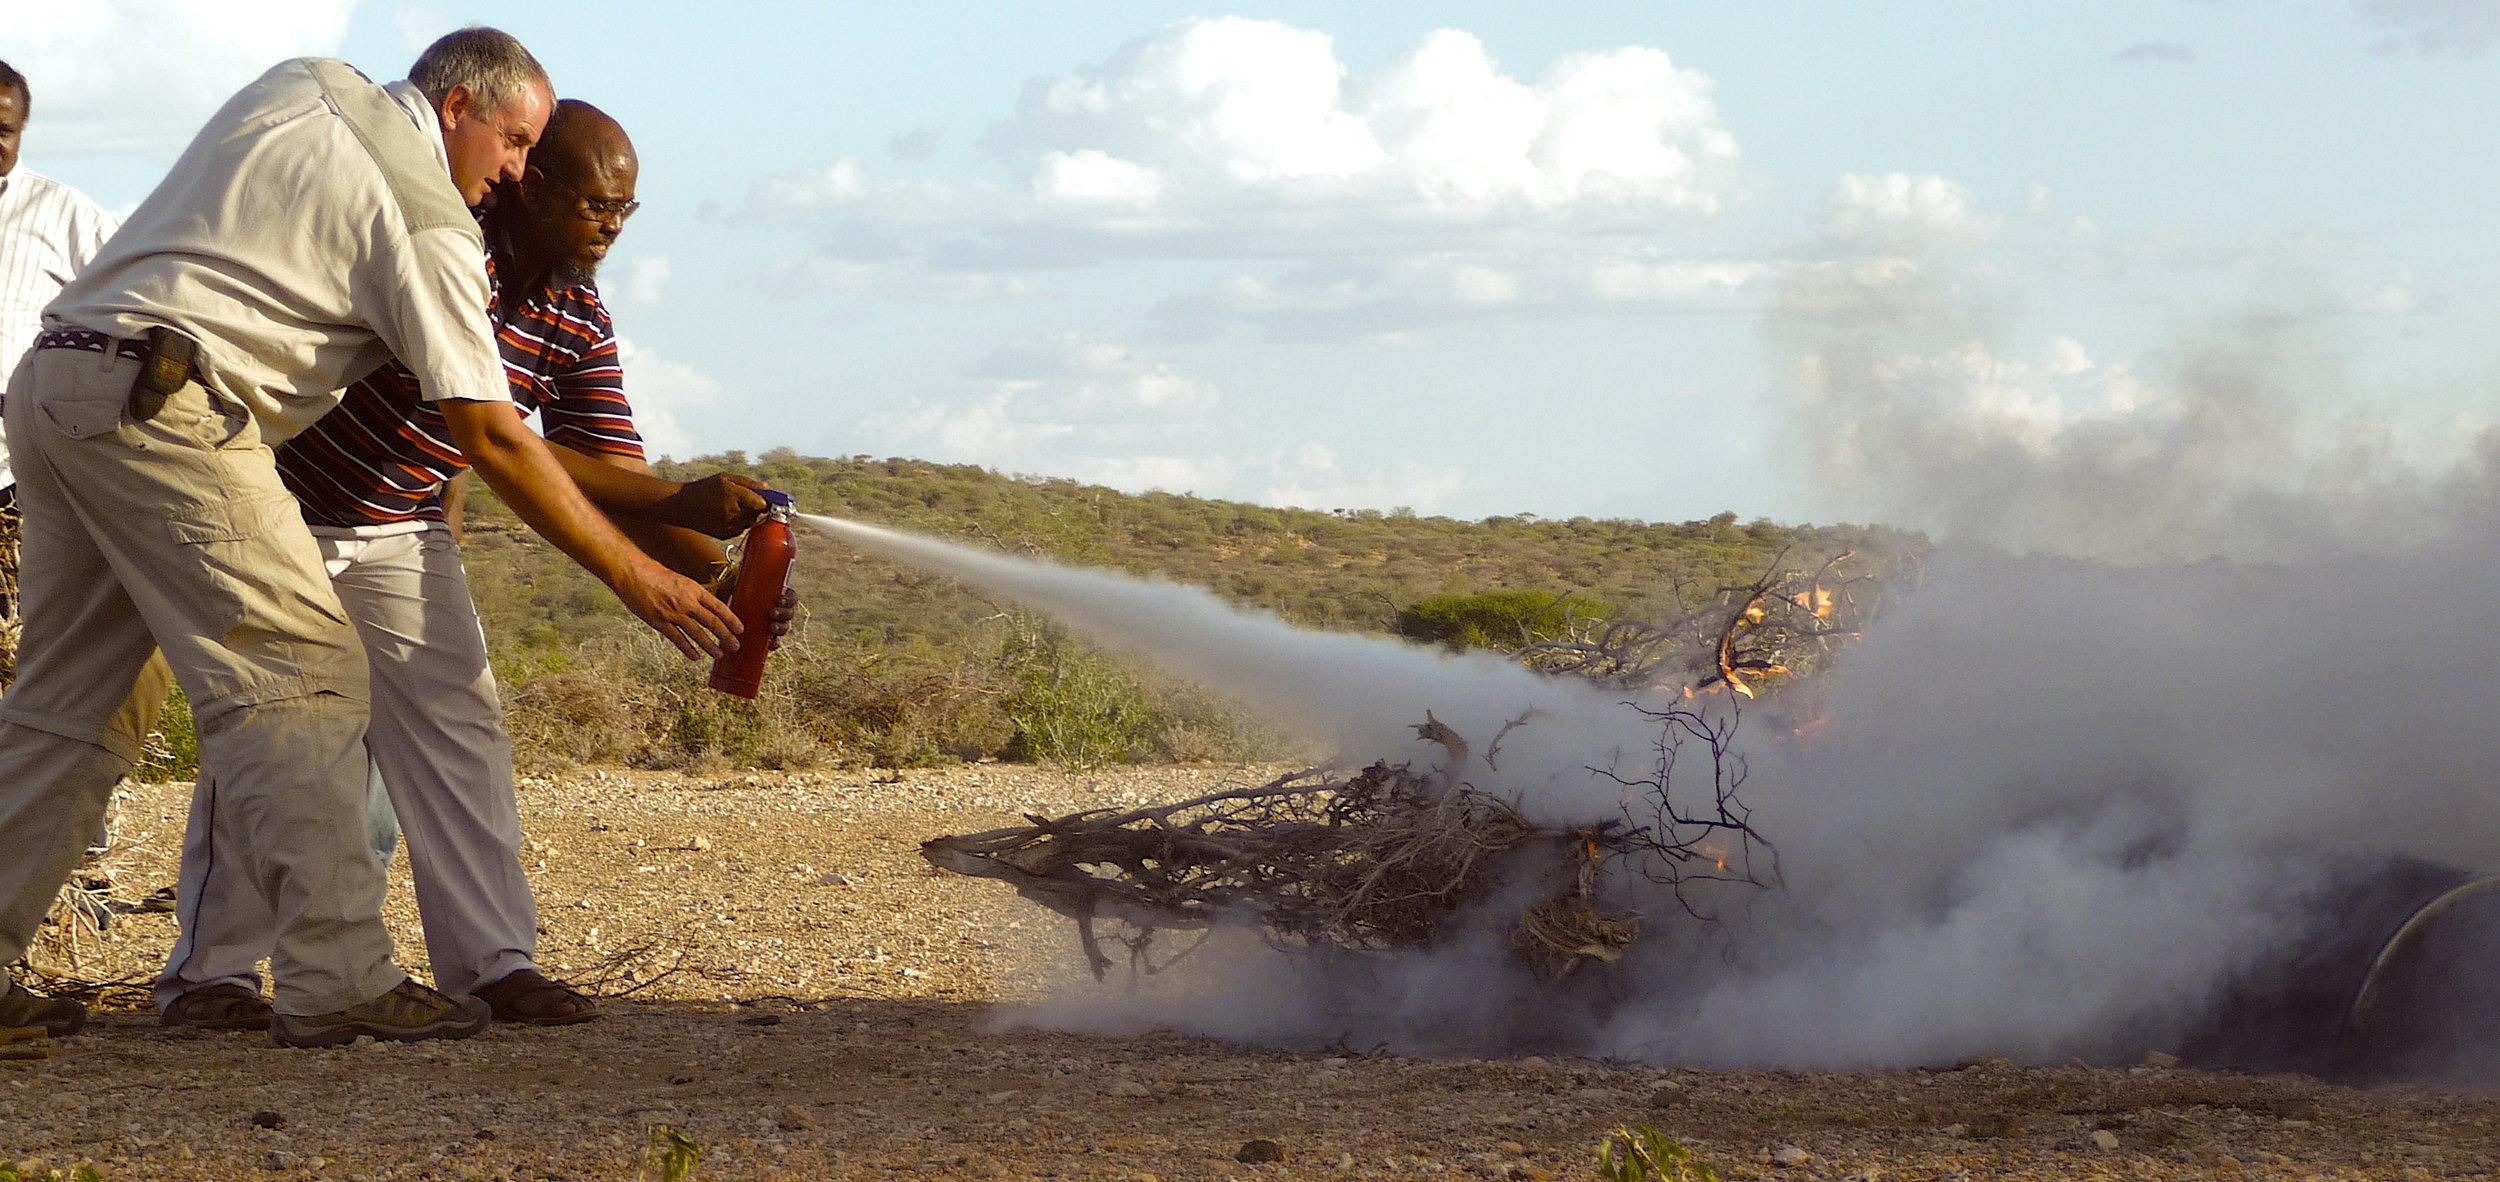 Fire-fighting.JPG